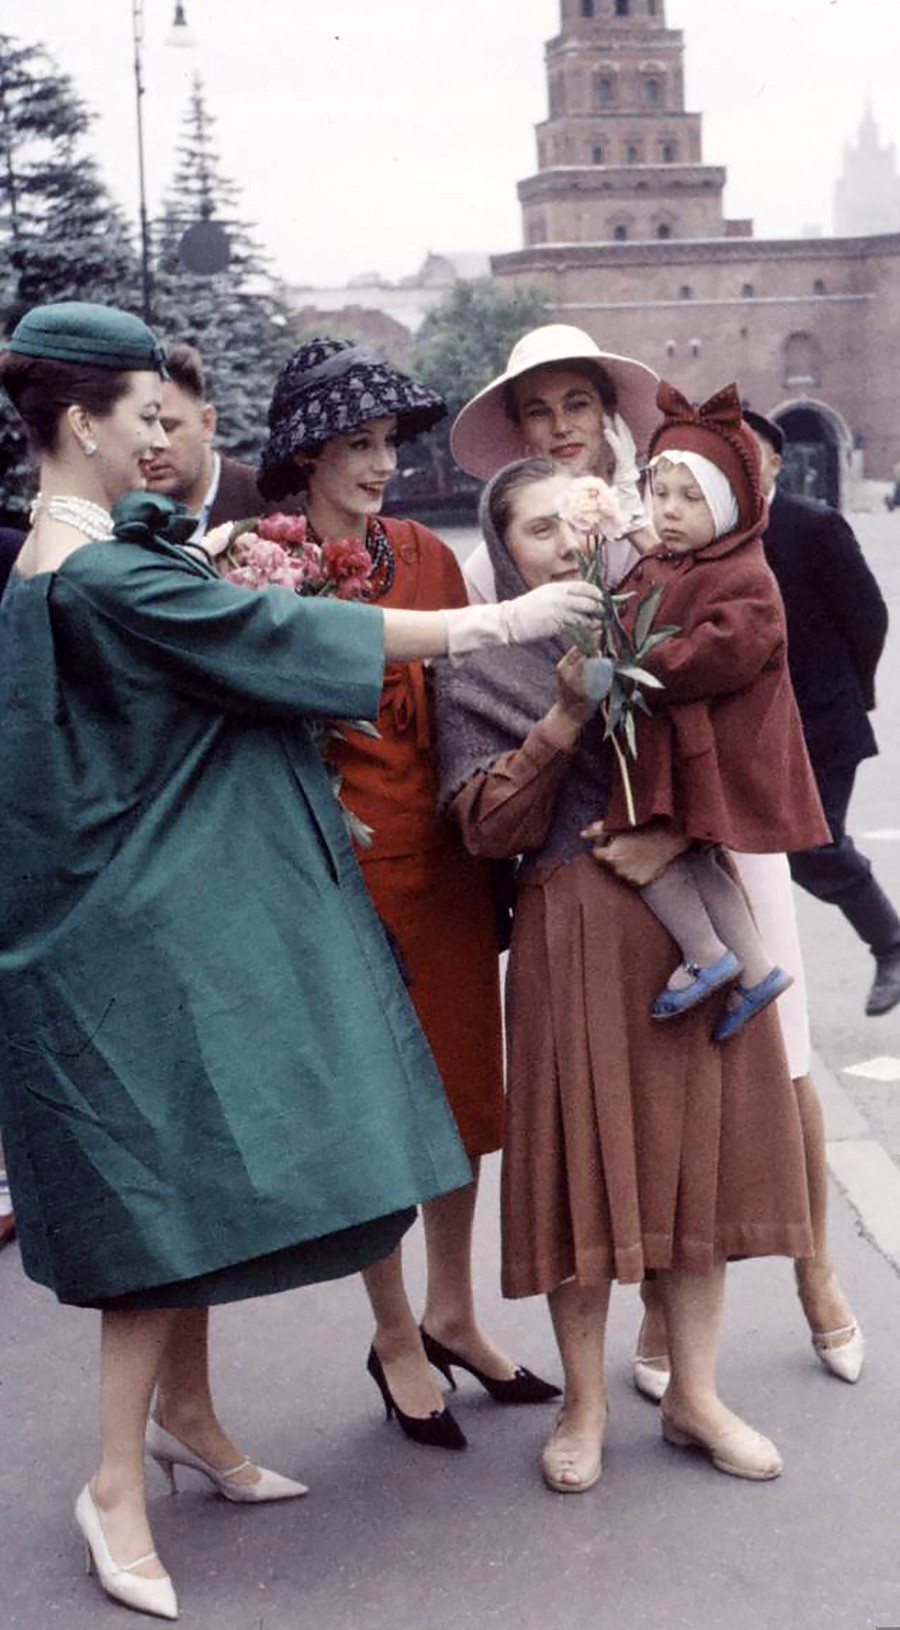 Christian Dior a Mosca, giugno 1959